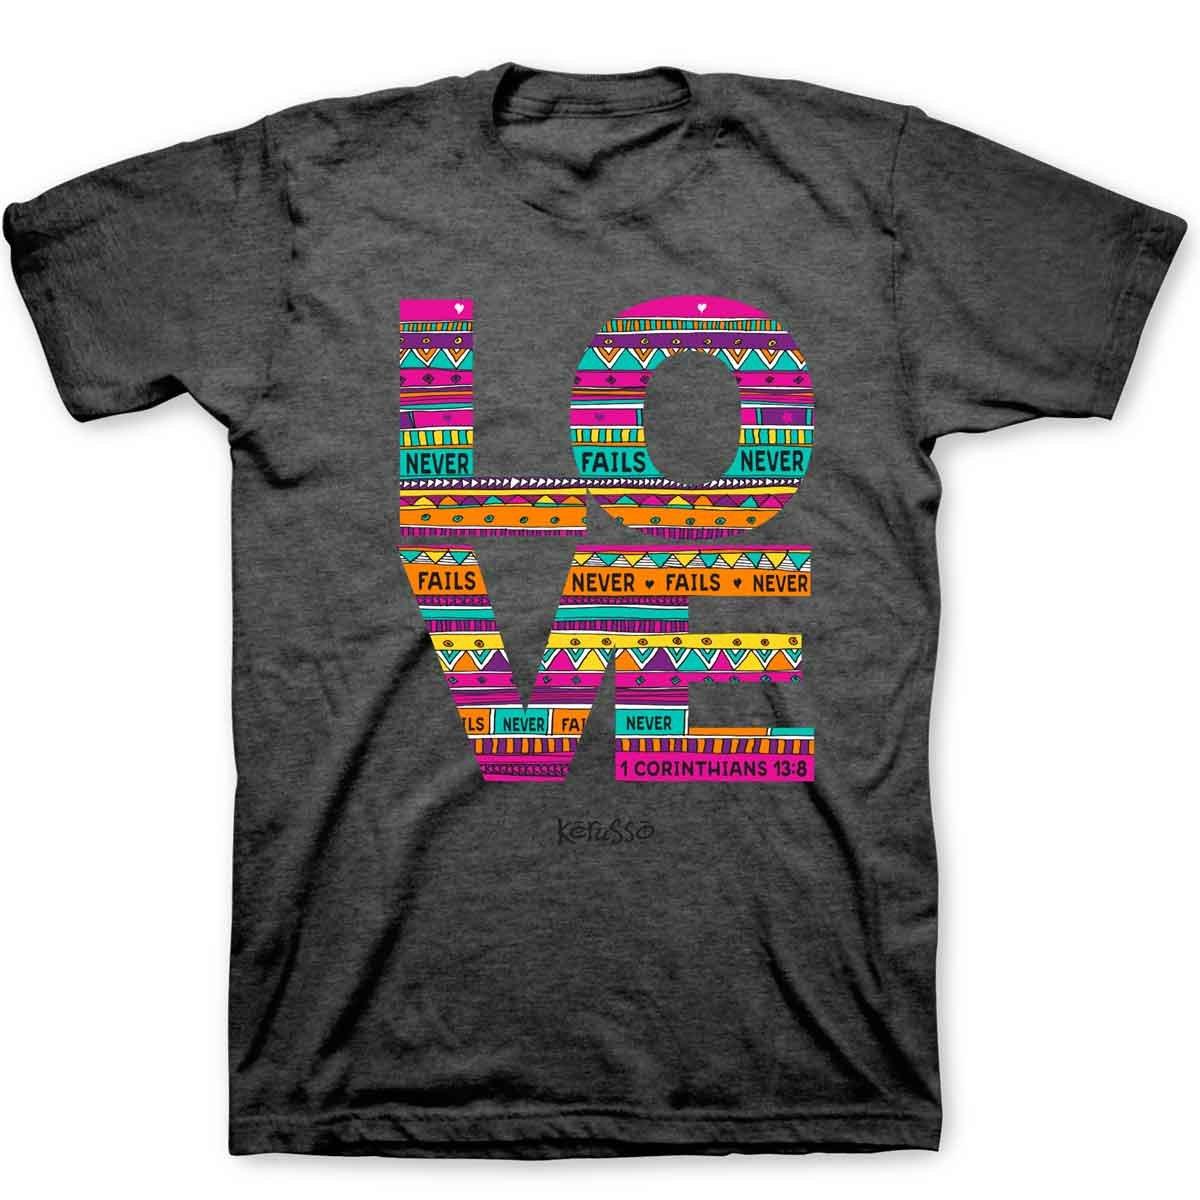 Kerusso Women's Love Doodle T-Shirt - Dark Grey -